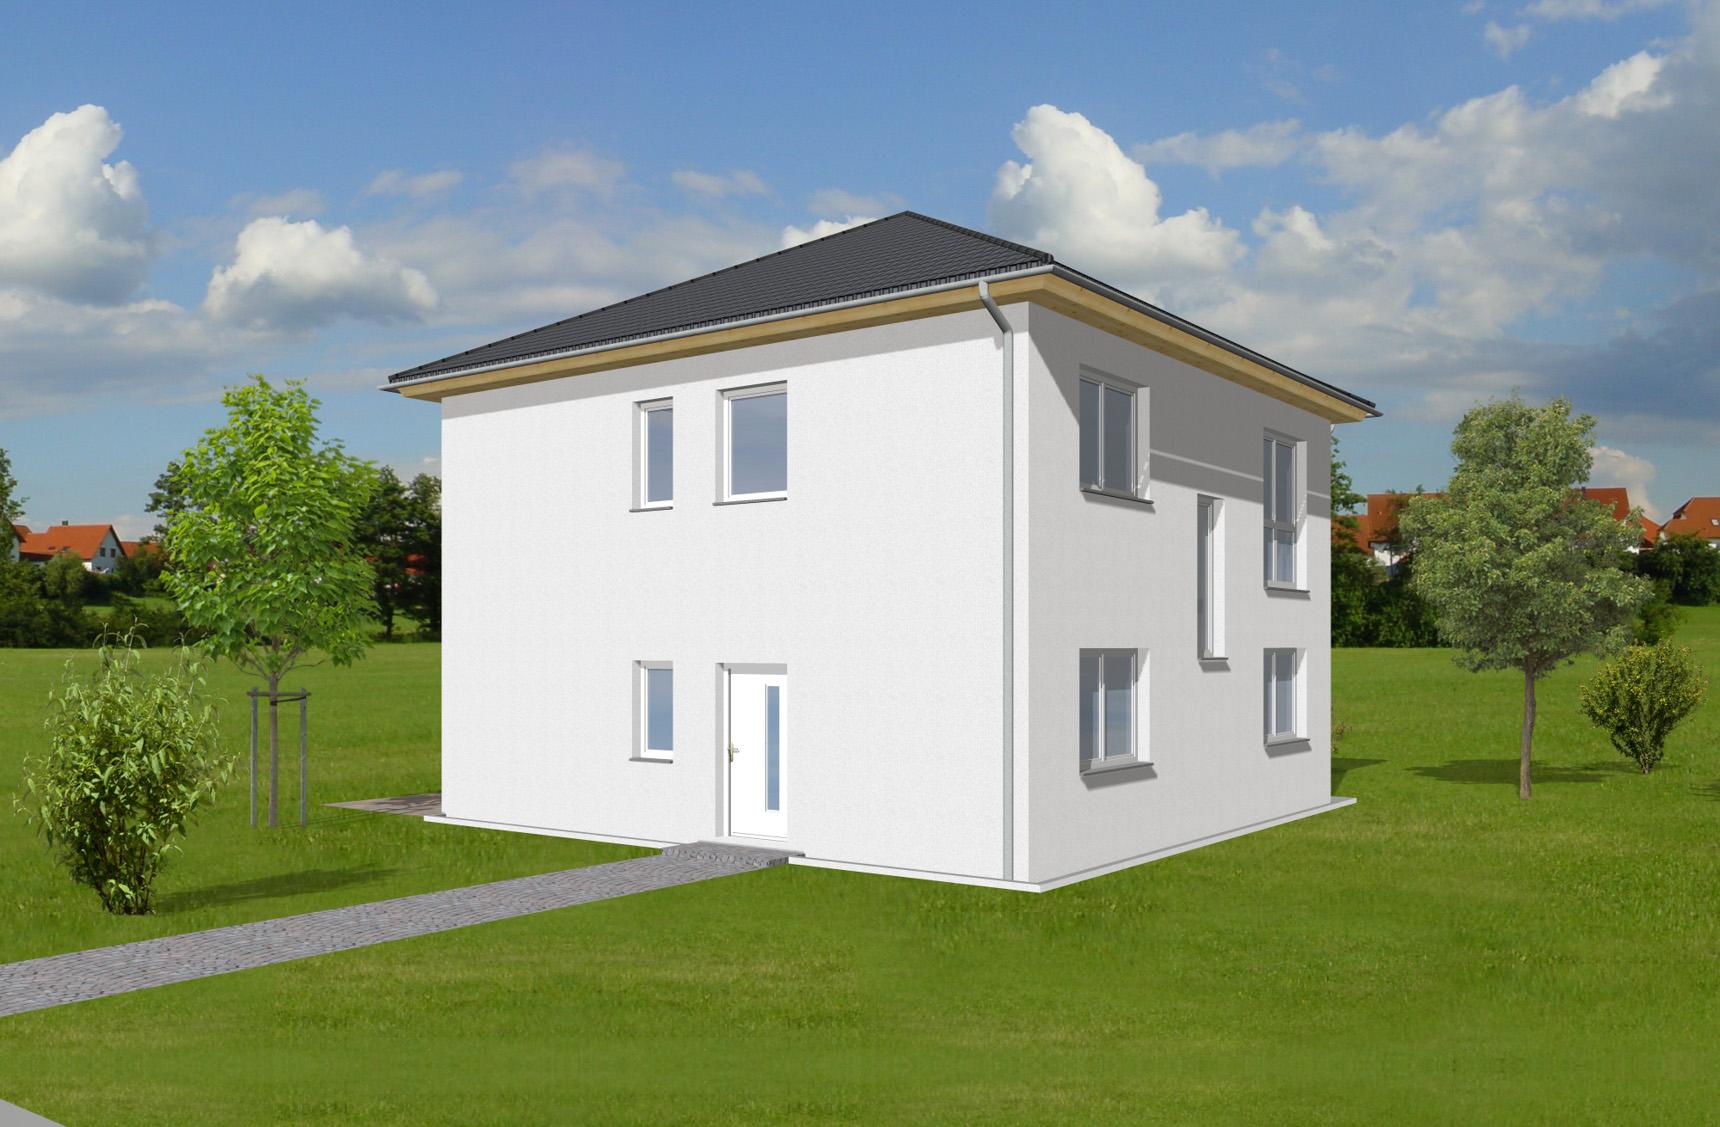 Typenhaus Pollux - ALG Massivhaus GmbH Eingangsansicht